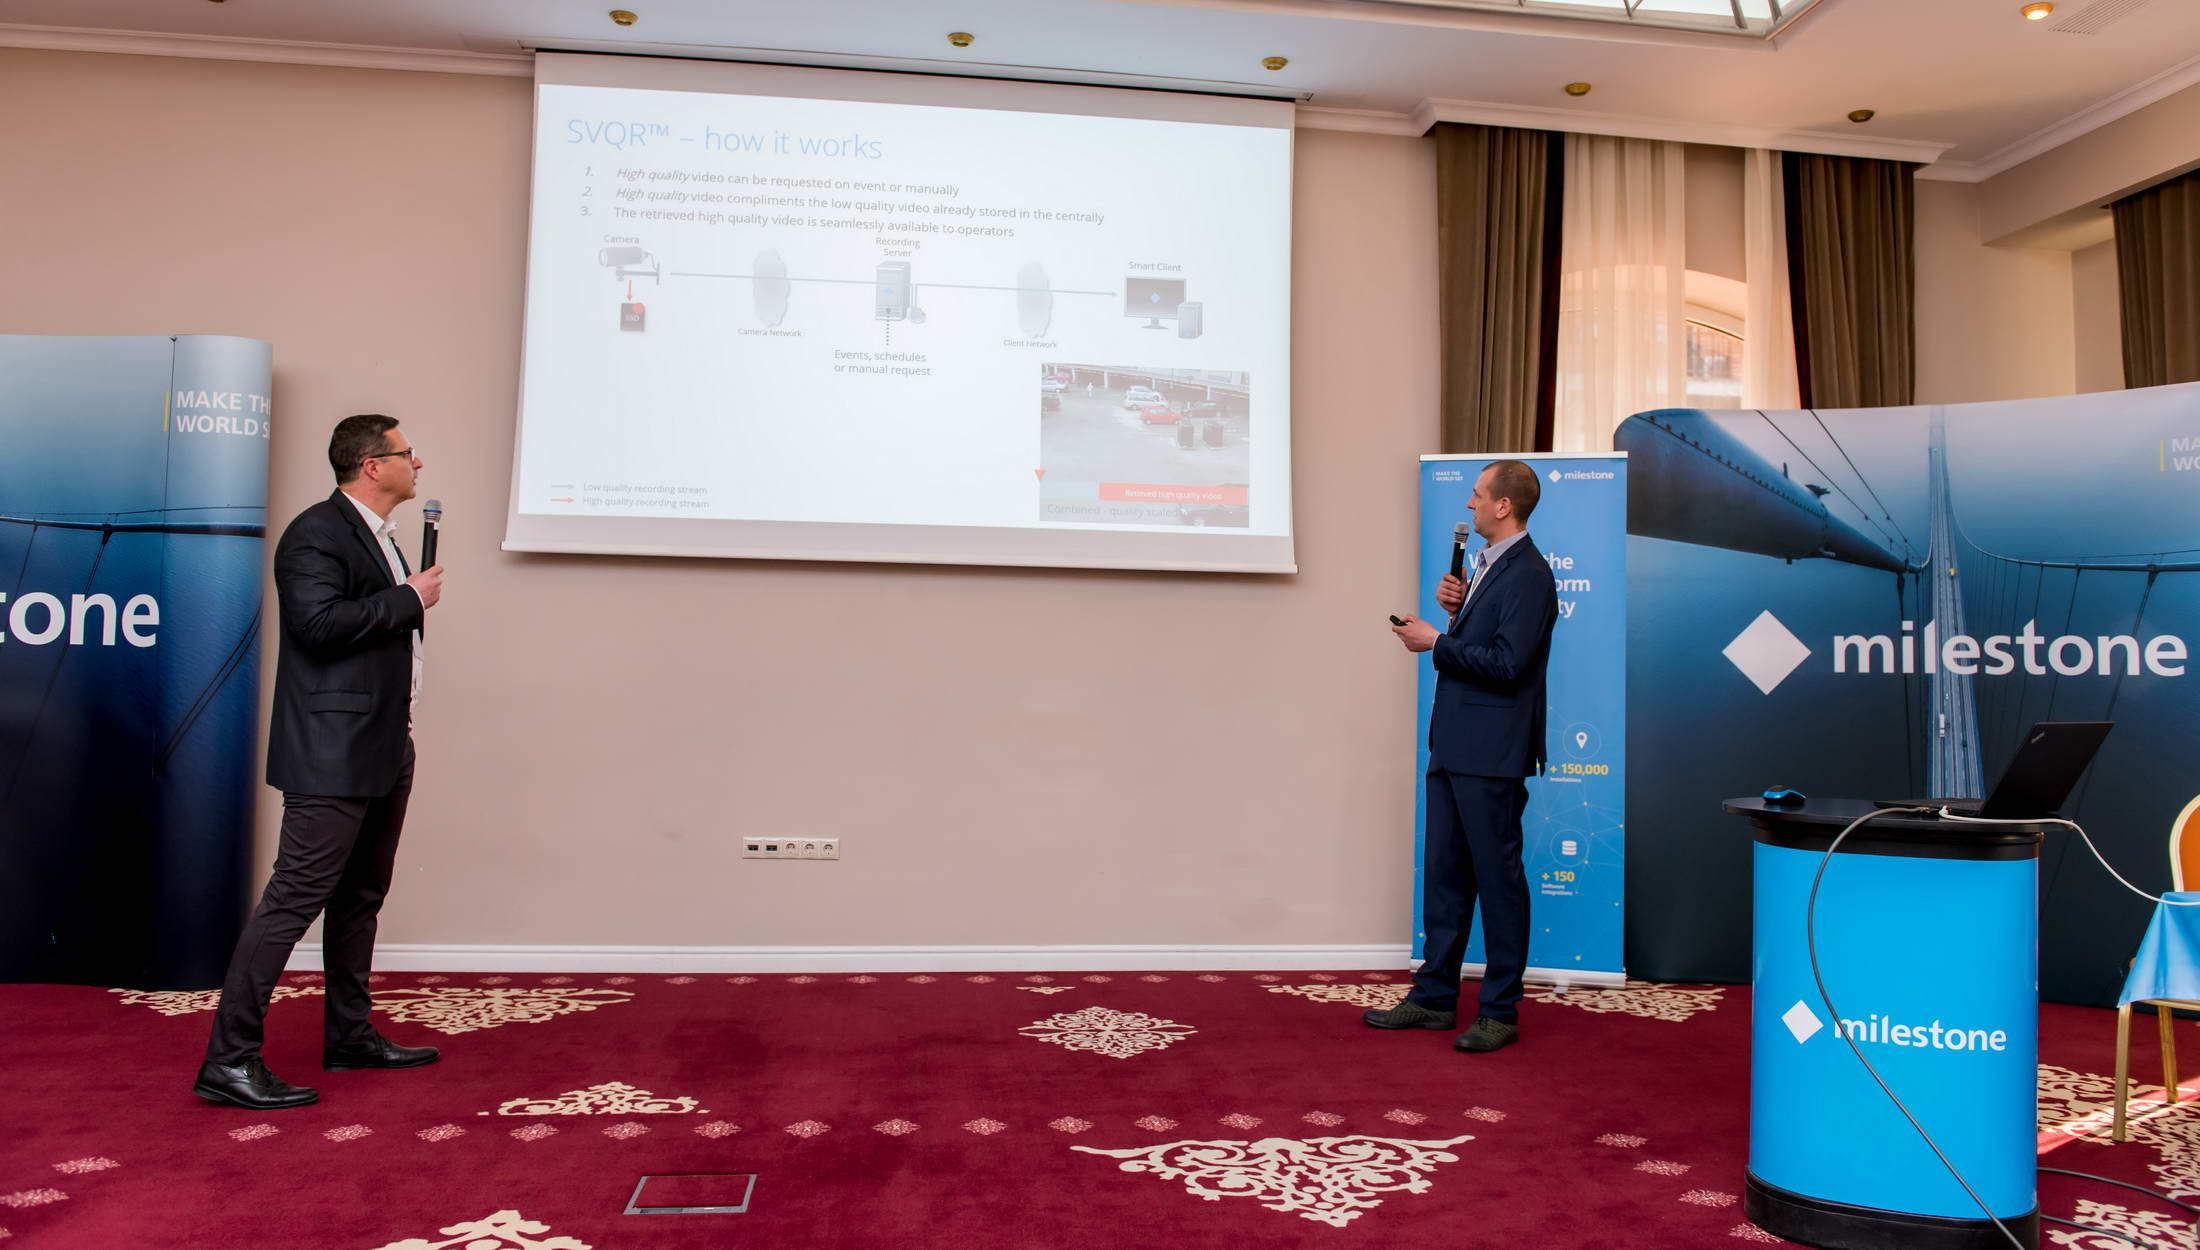 Membrii comunității reuniți la Milestone Integration Day Romania